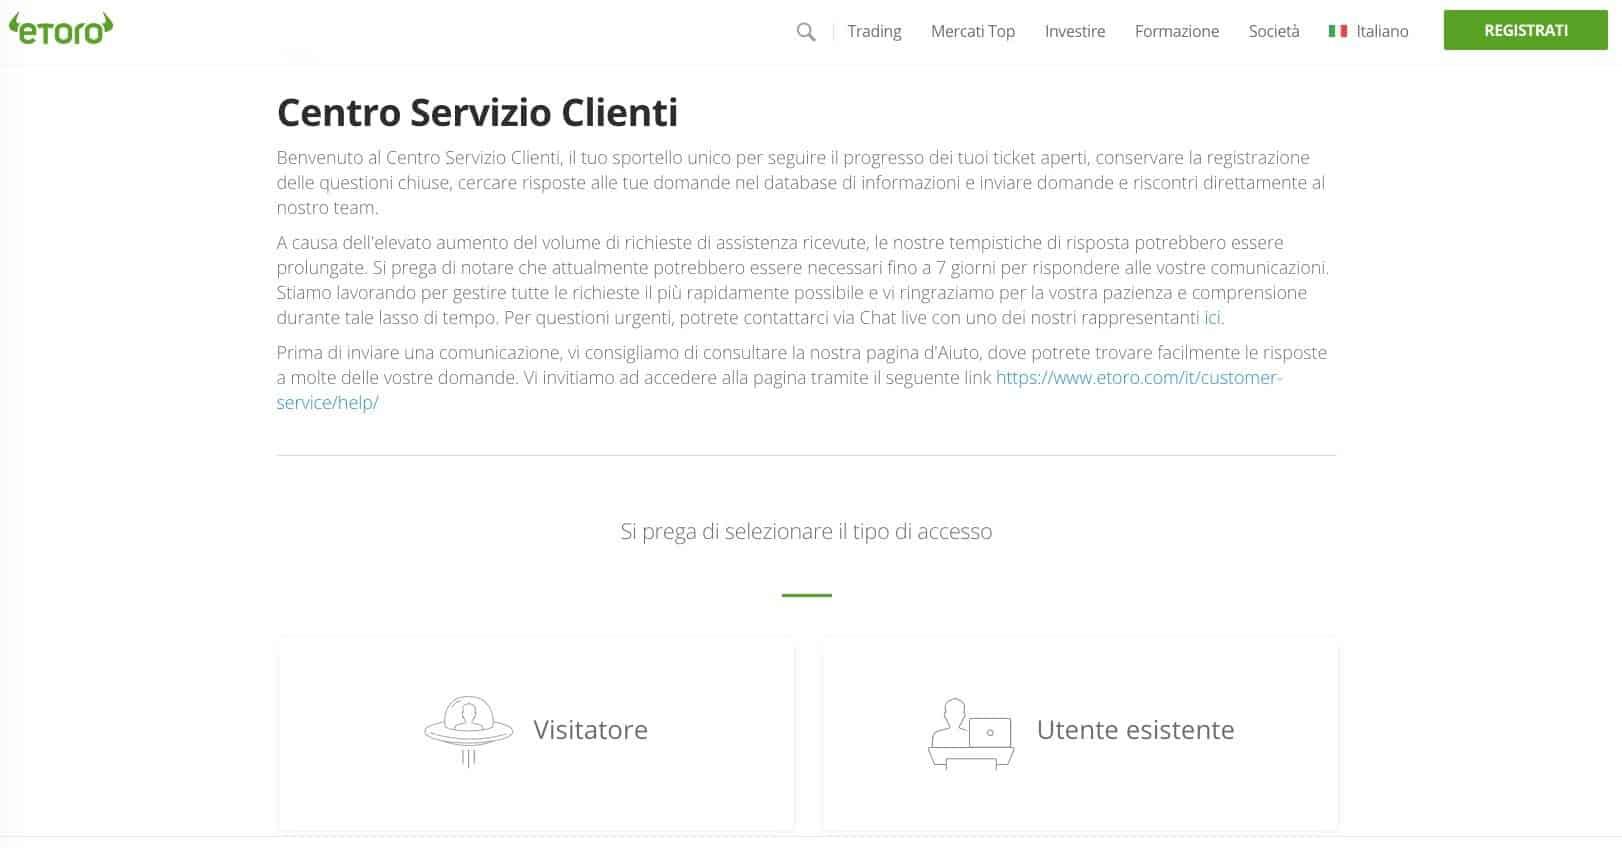 eToro Servizio Clienti